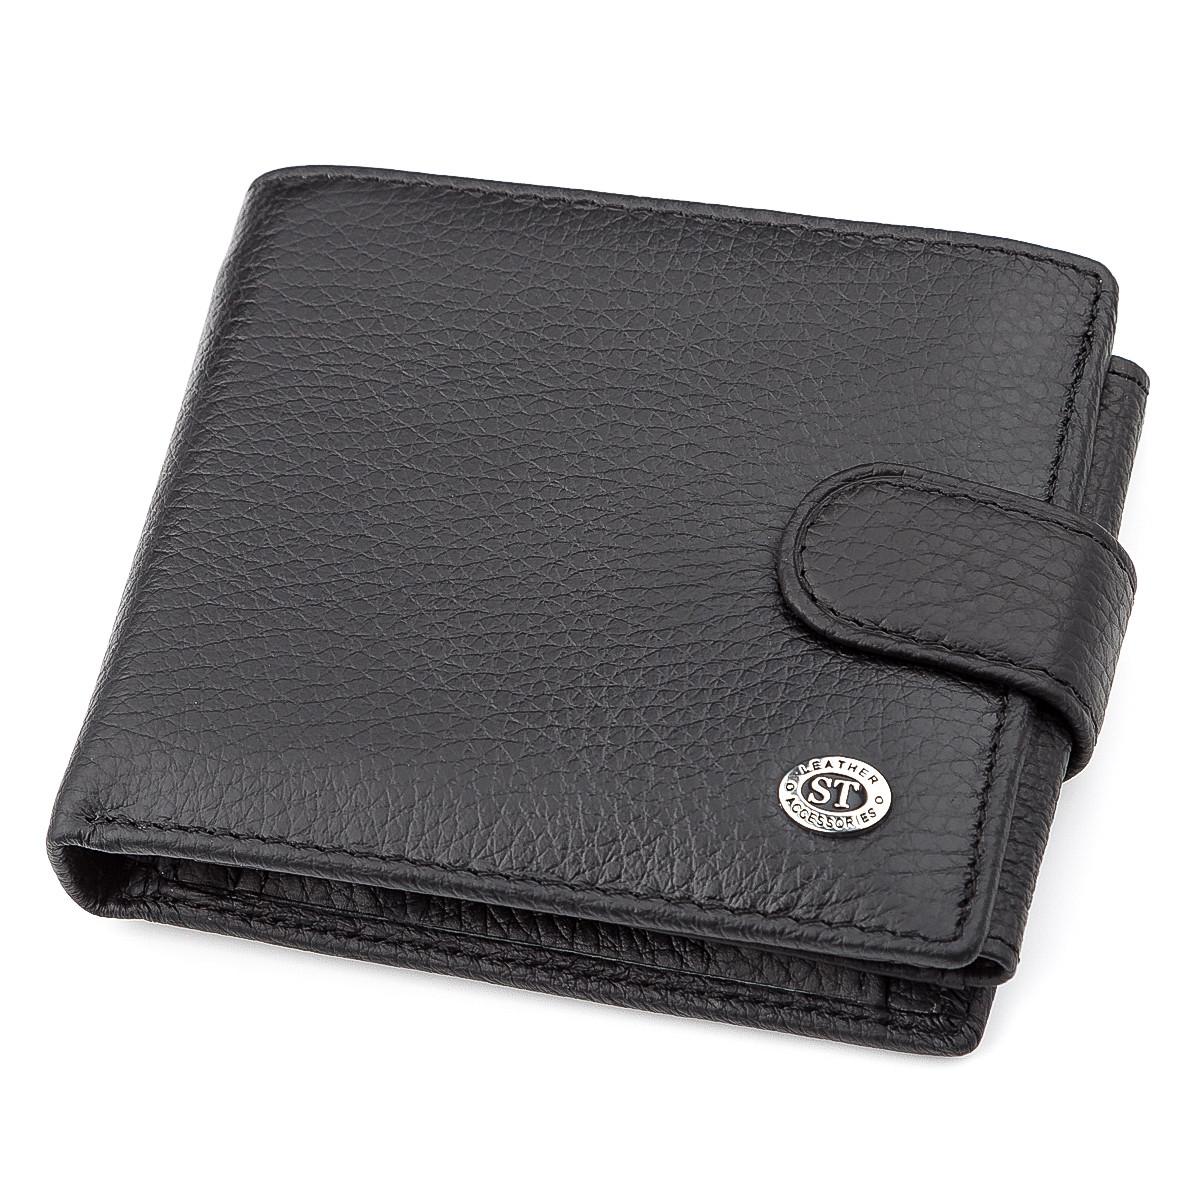 Чоловічий гаманець ST Leather 13334 (ST102) натуральна шкіра Чорний